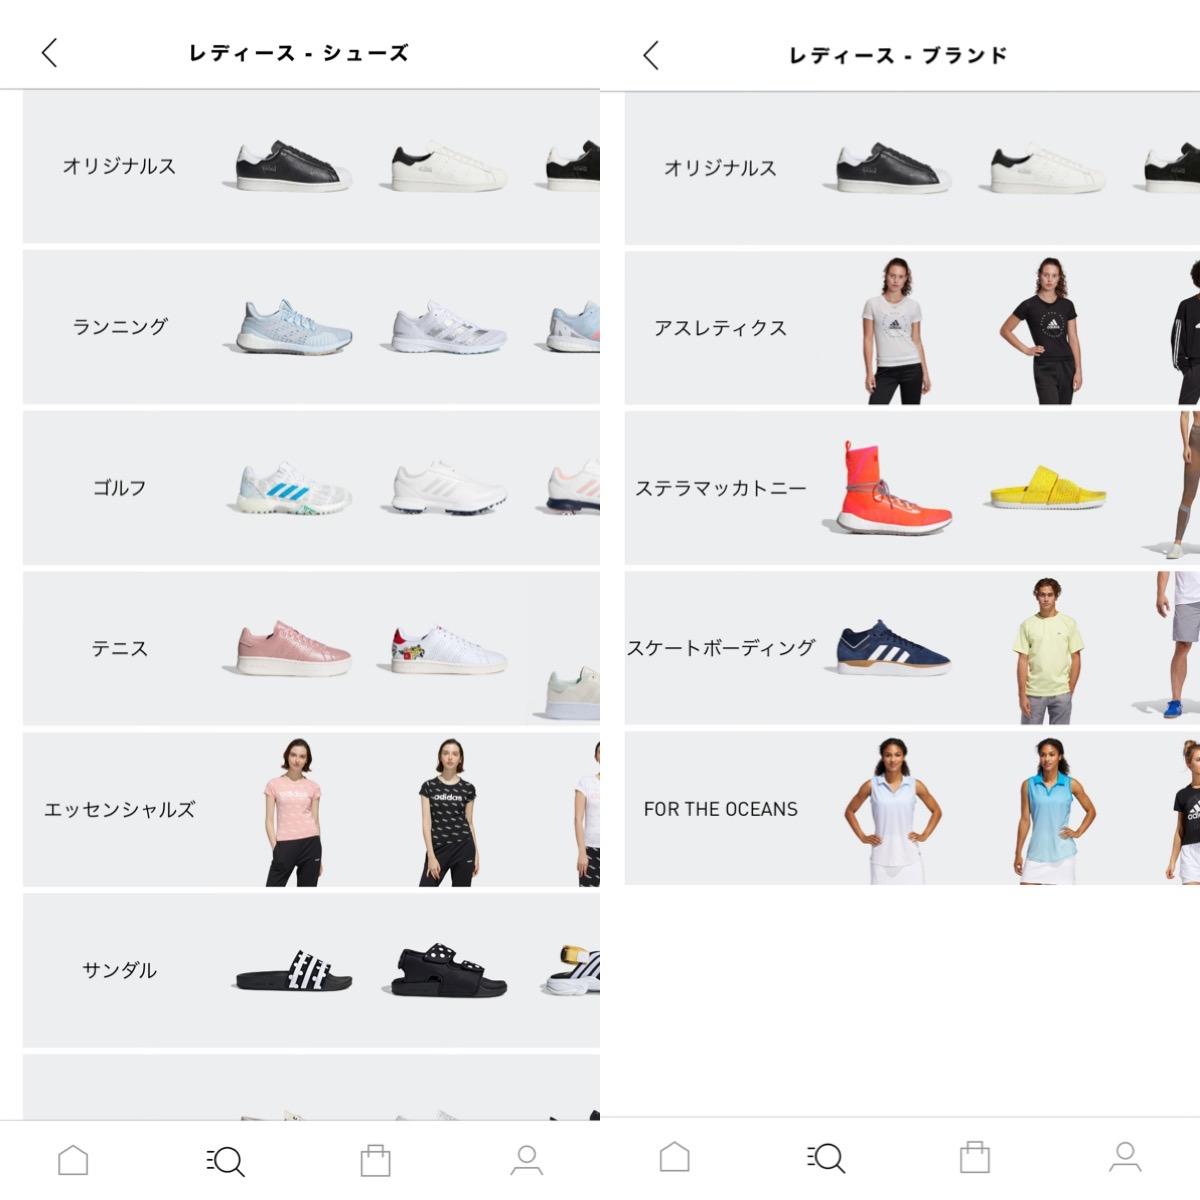 画像2: 幅広いラインナップが魅力のショッピングアプリ。画像検索も可能!